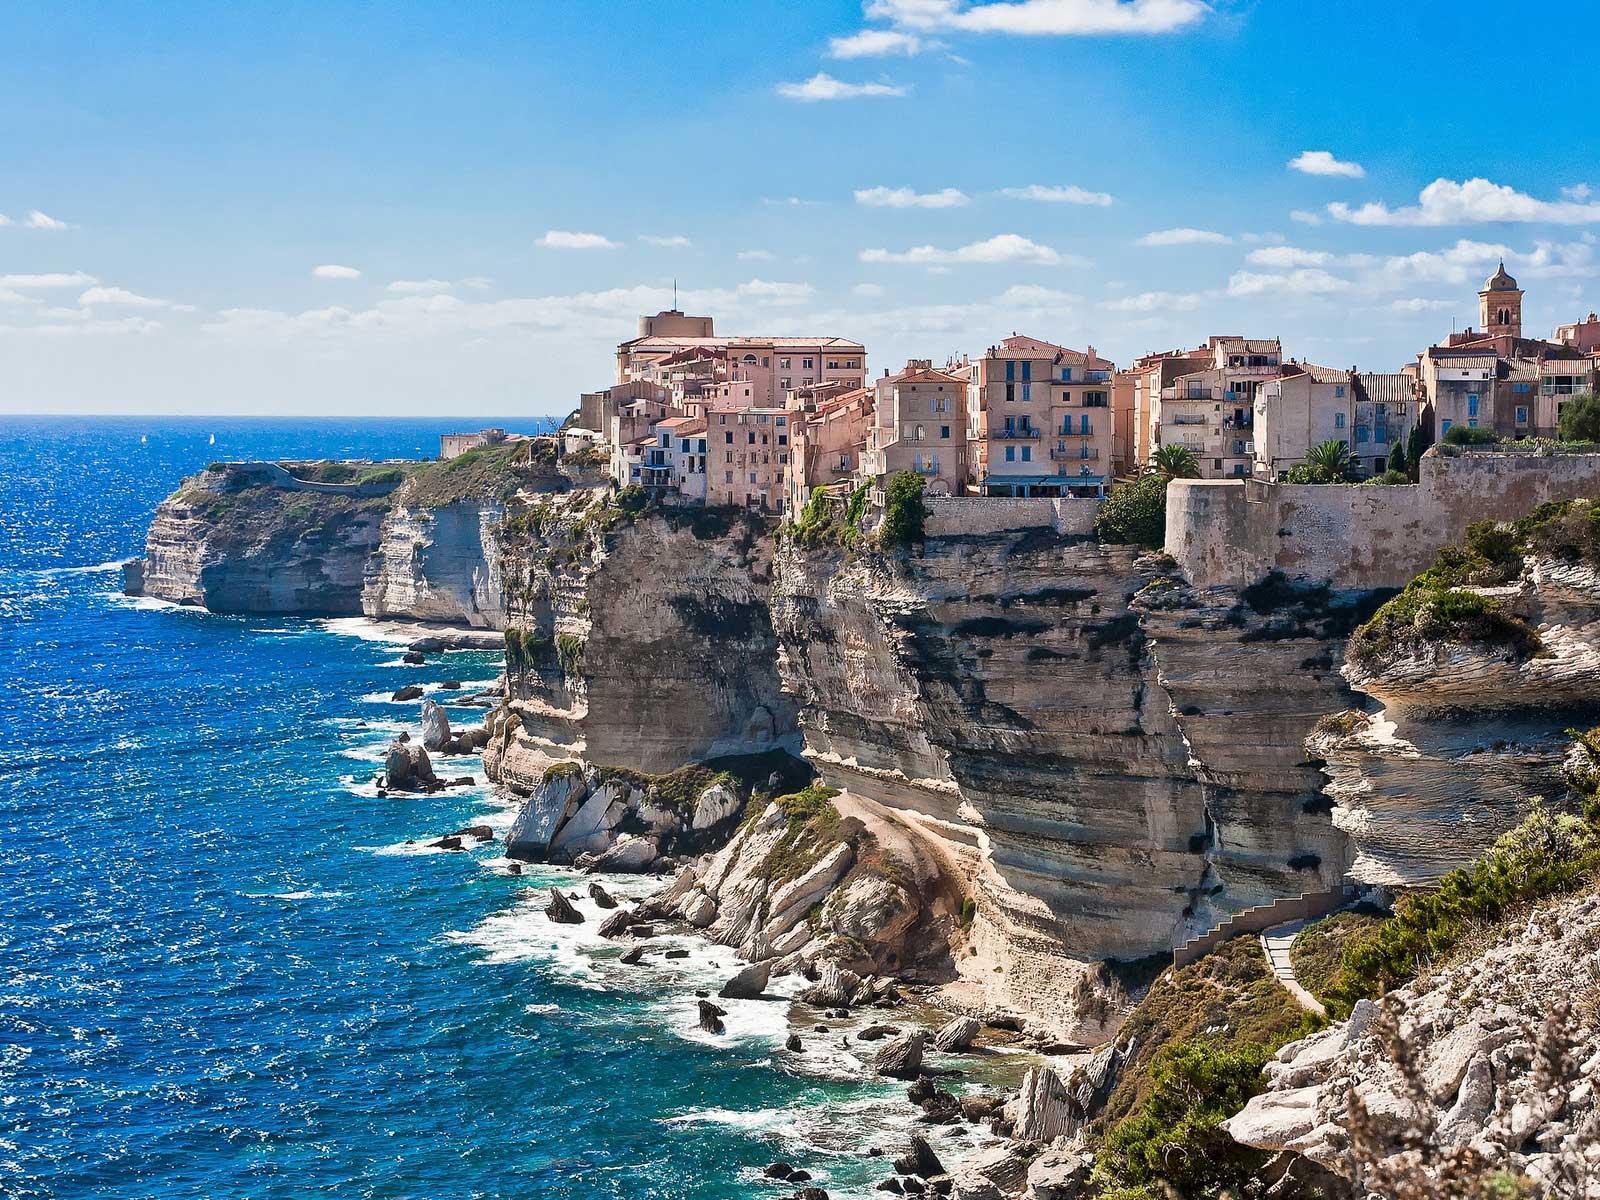 Kết quả hình ảnh cho limestone cliffs